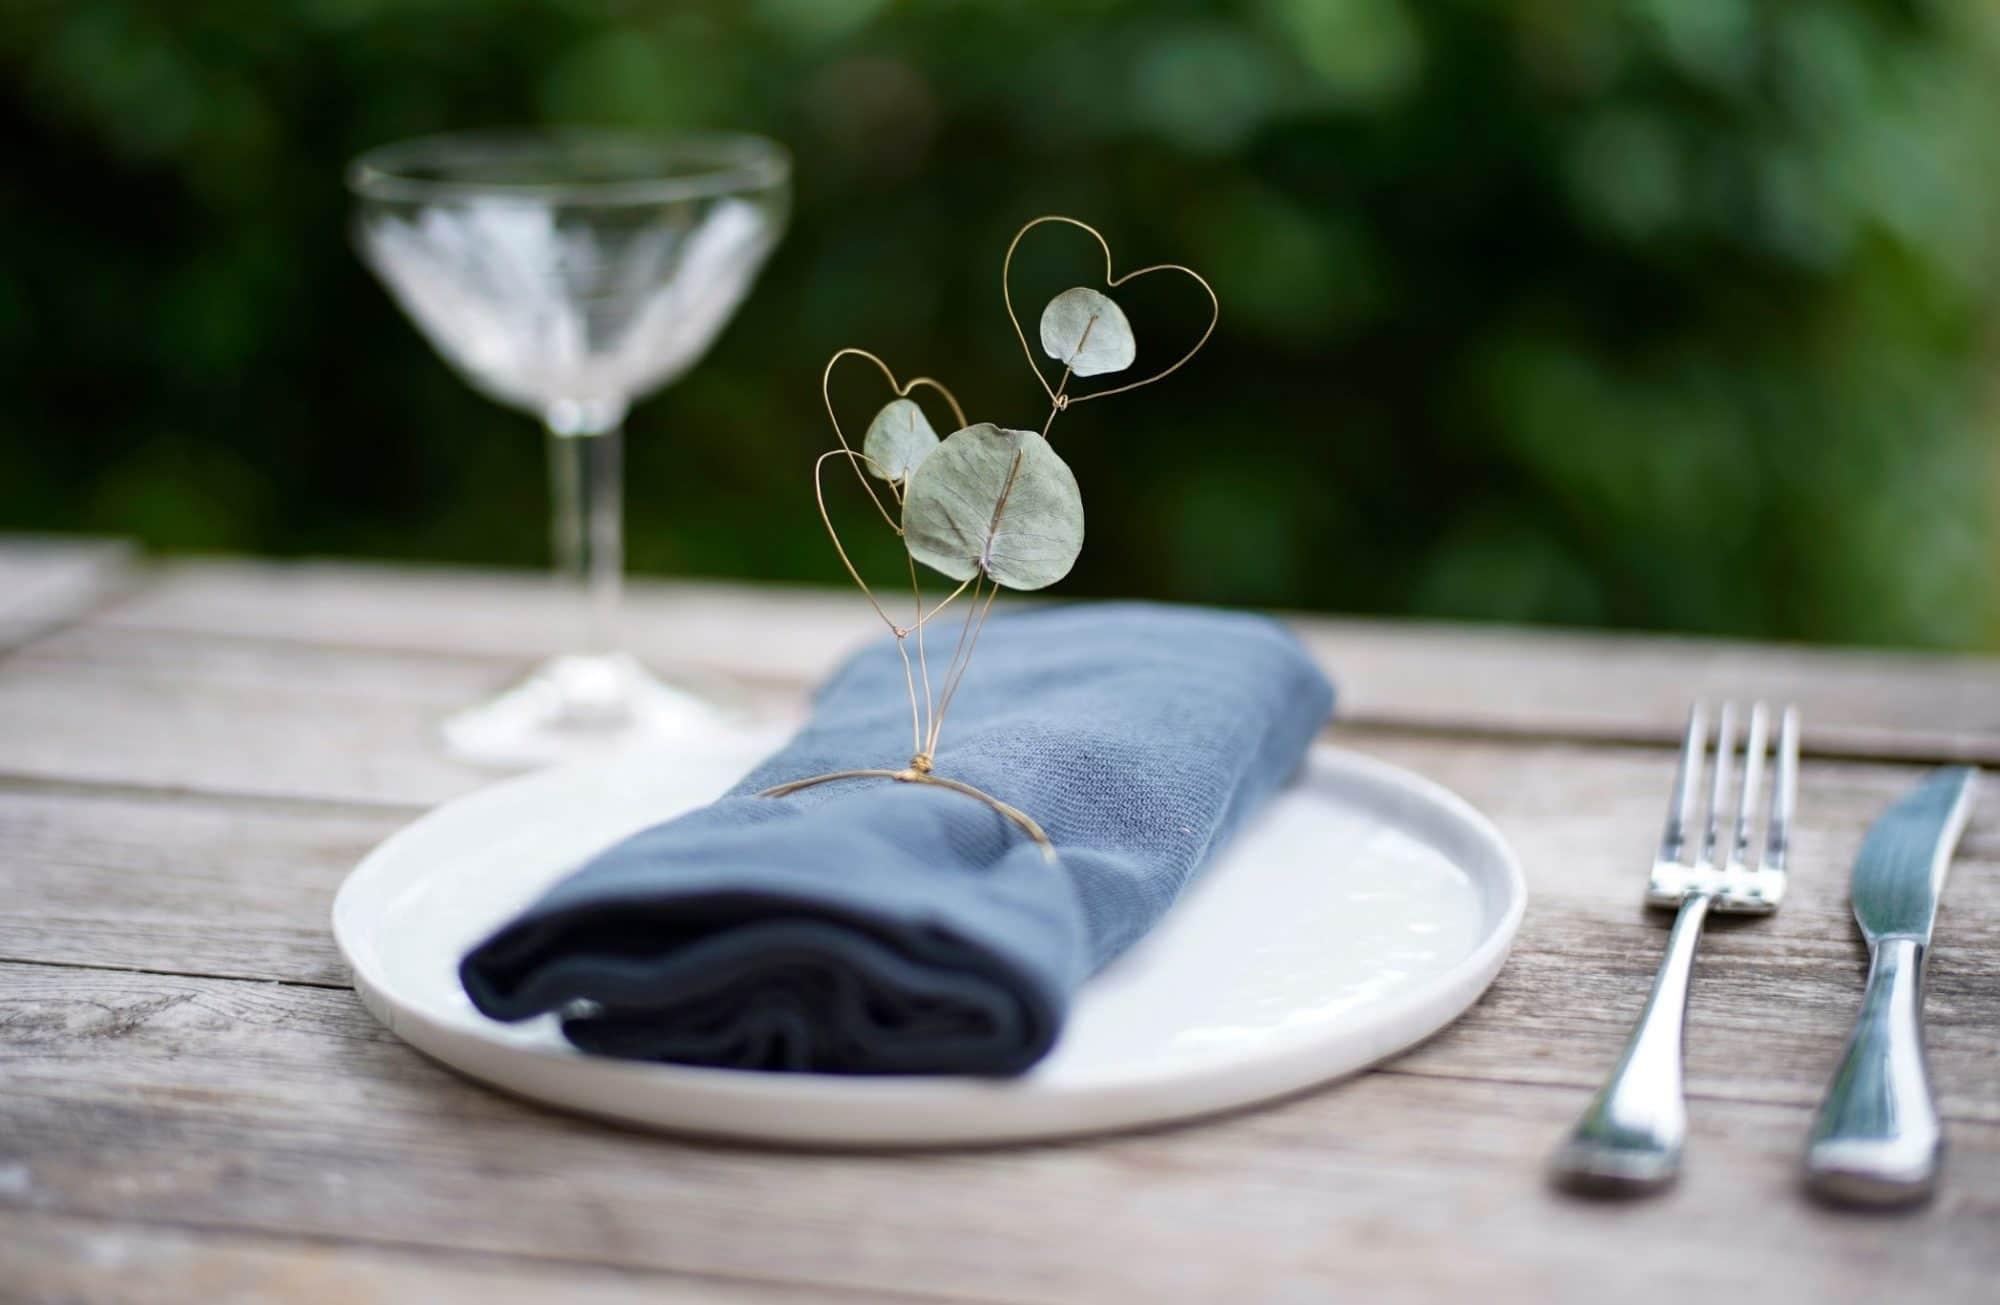 Comment fabriquer des ronds de serviette avec des fleurs ?